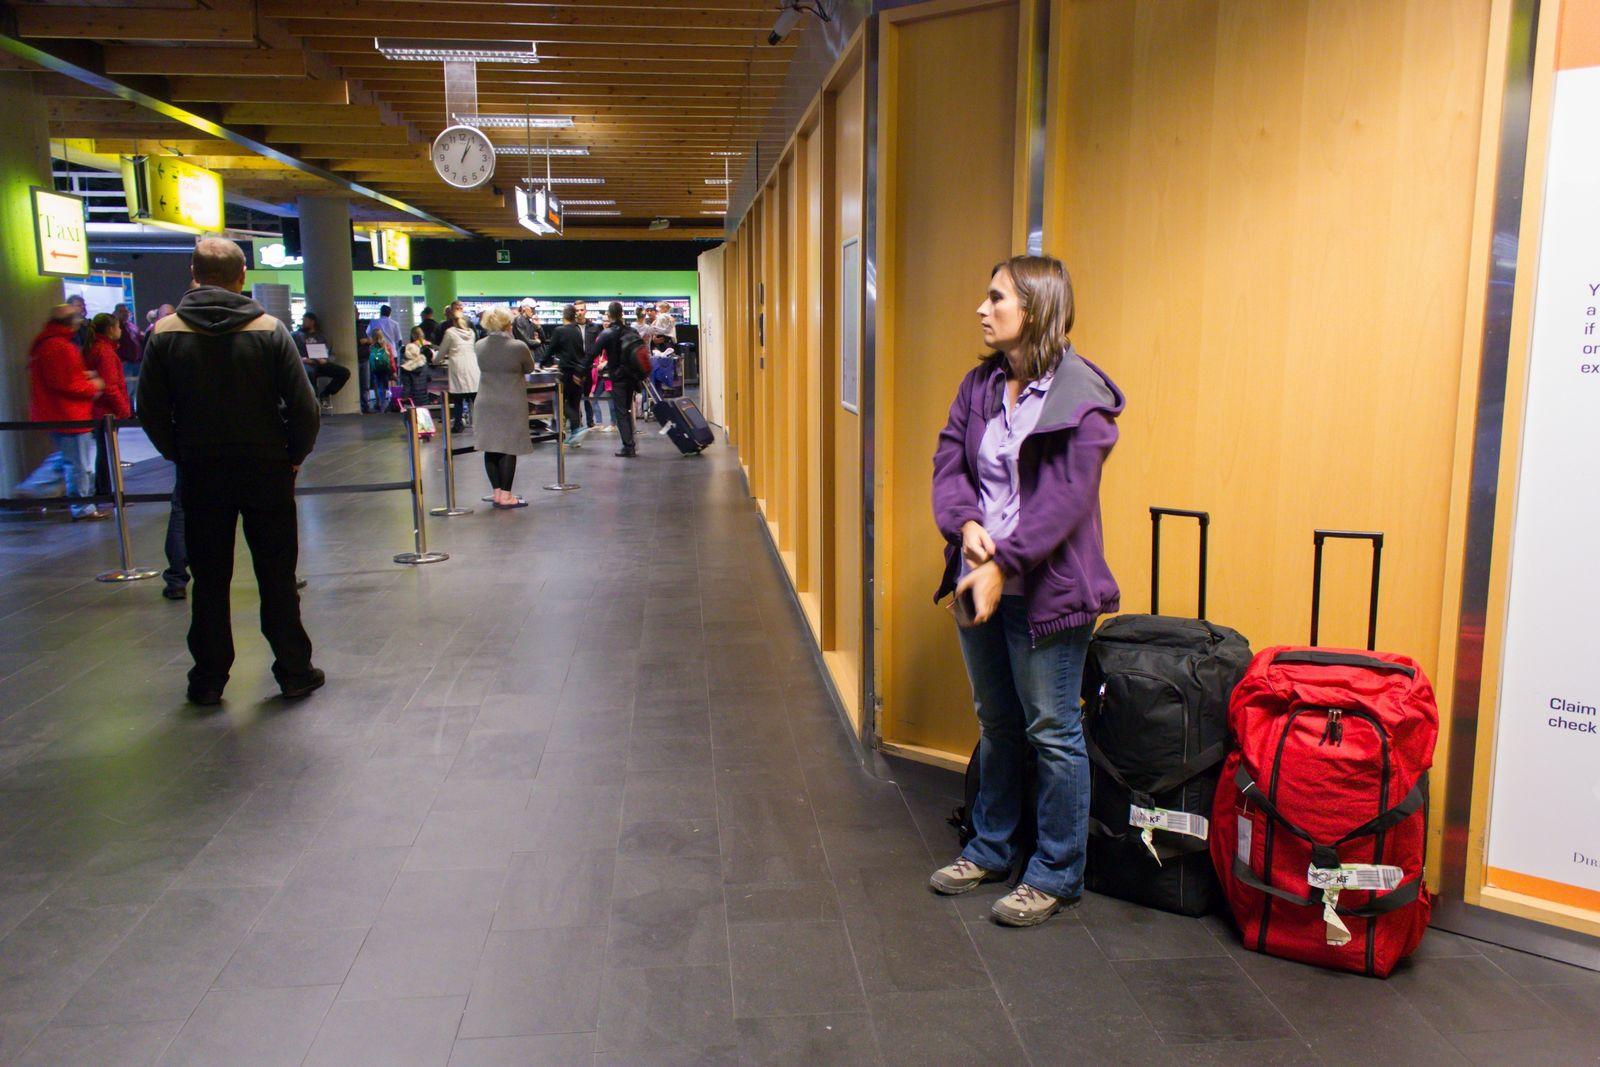 Nuestros primeros minutos en Islandia